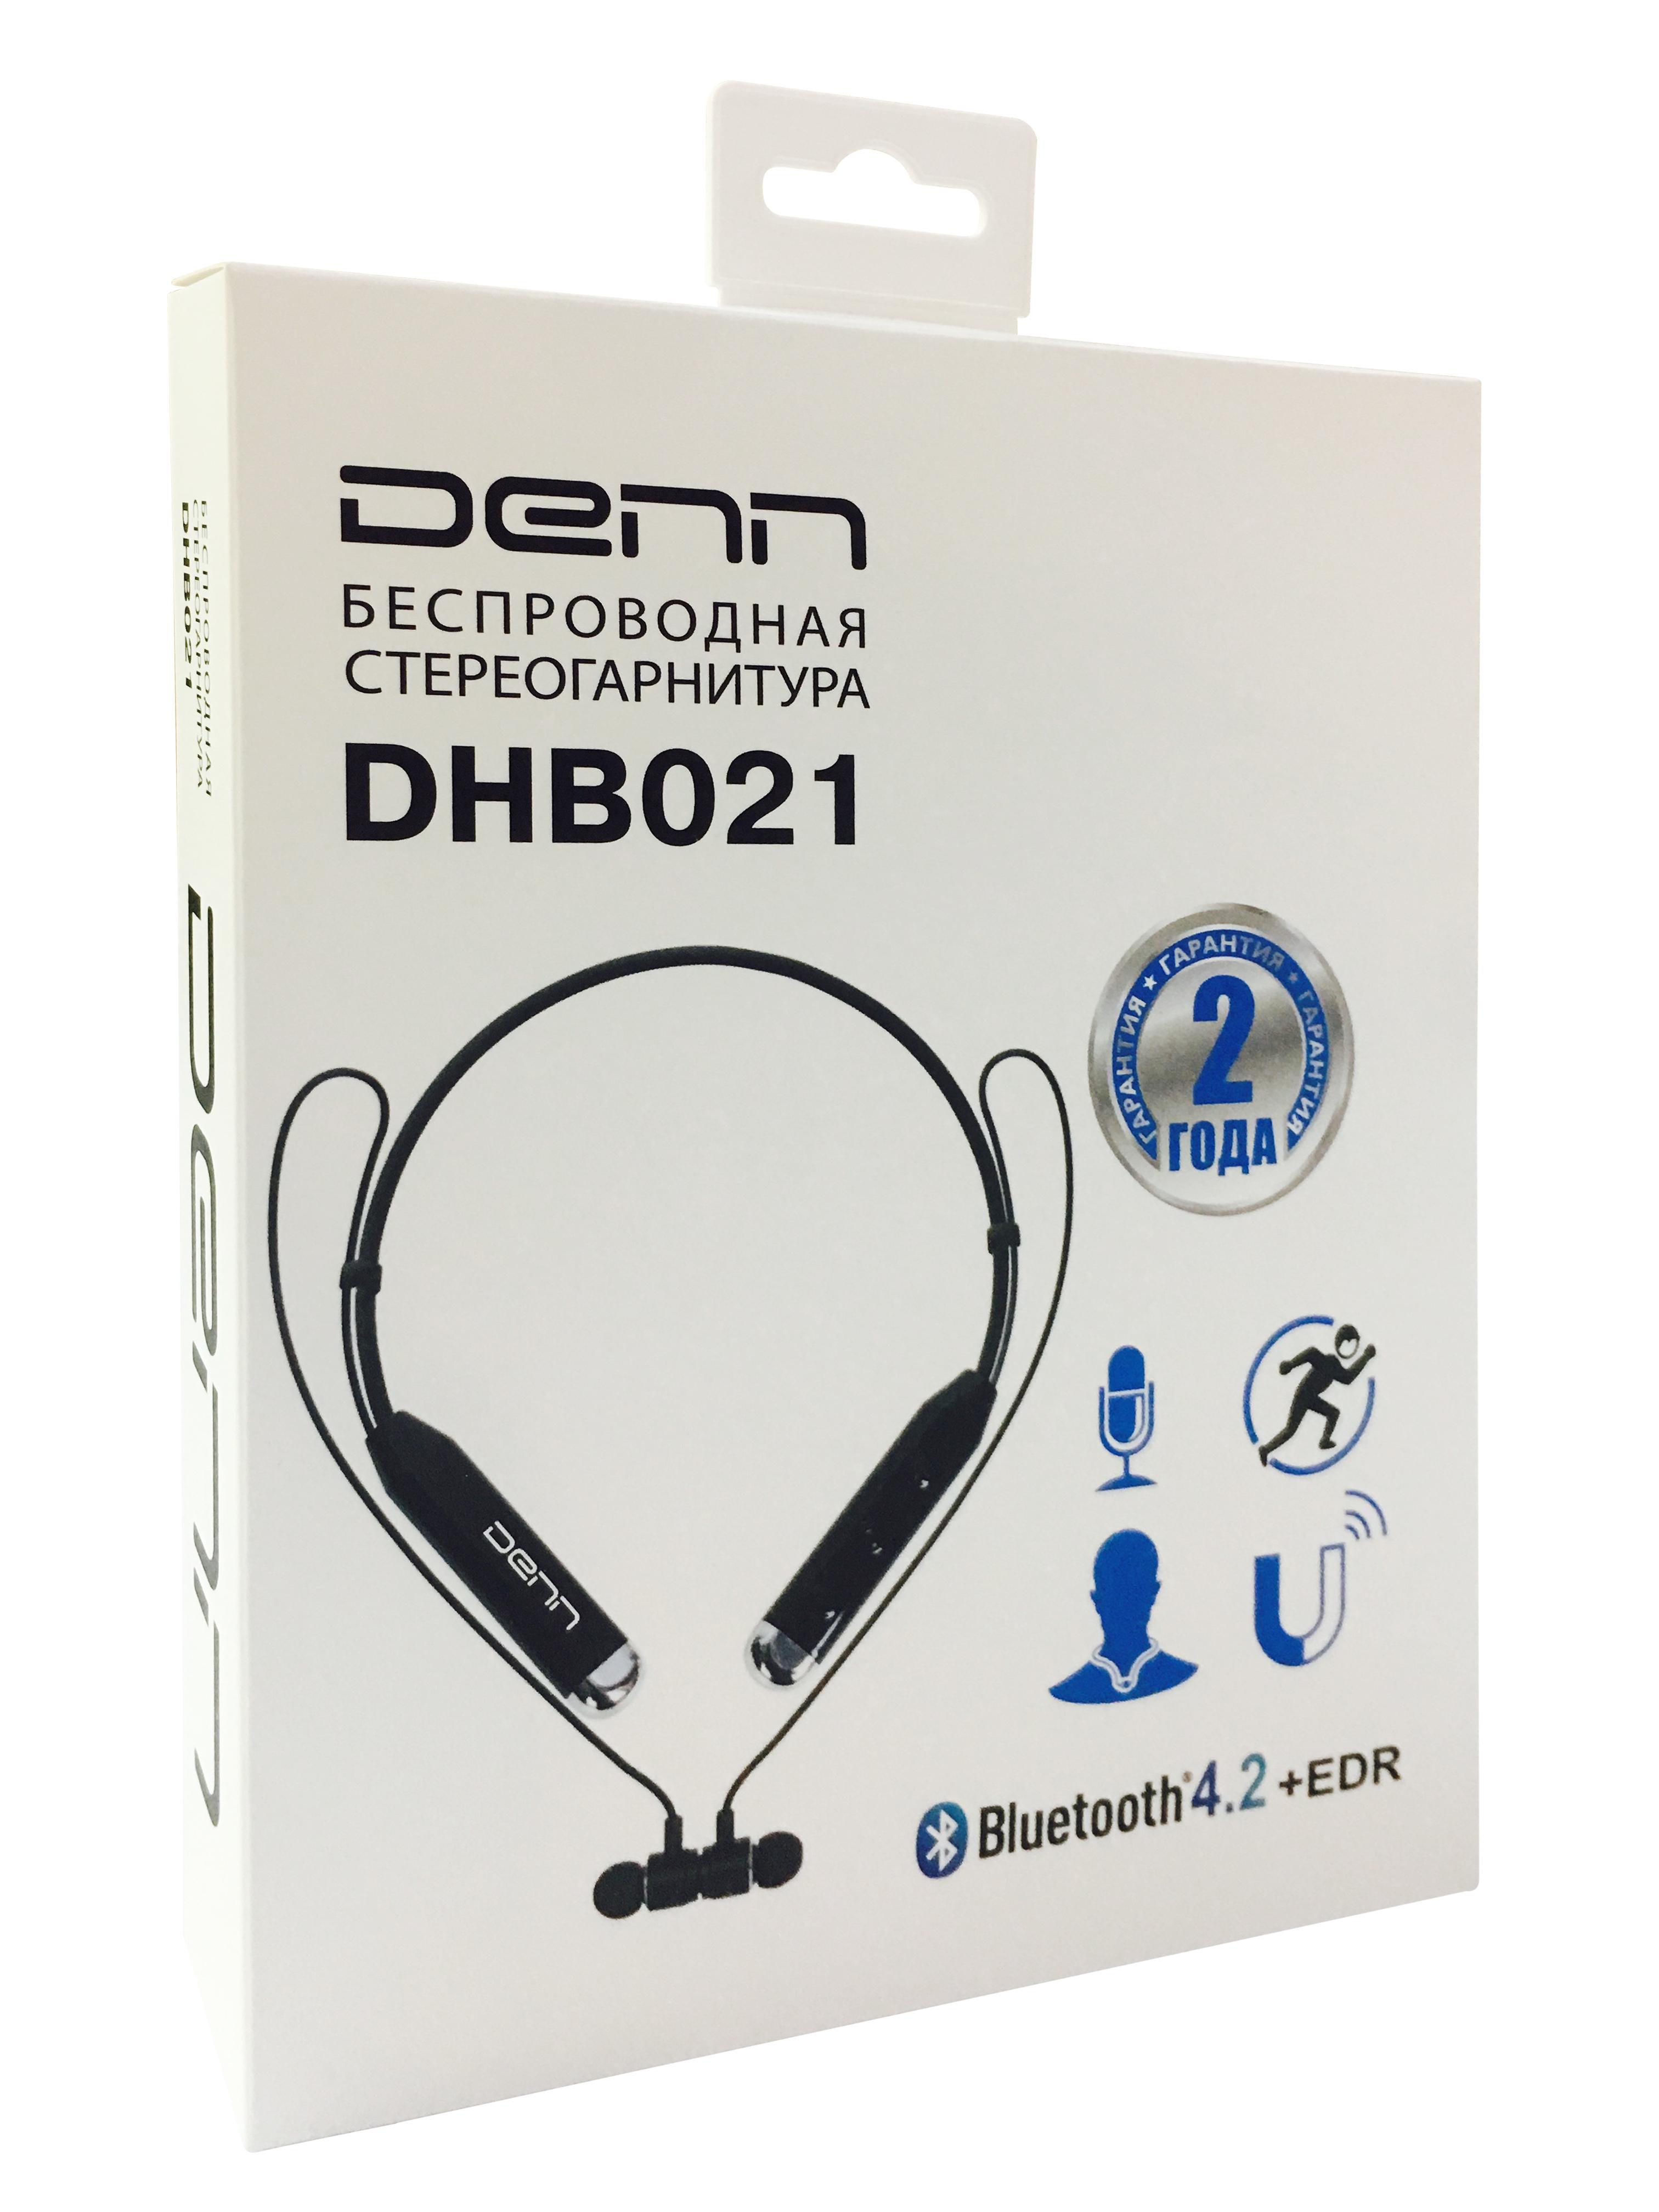 Denn Dhb021